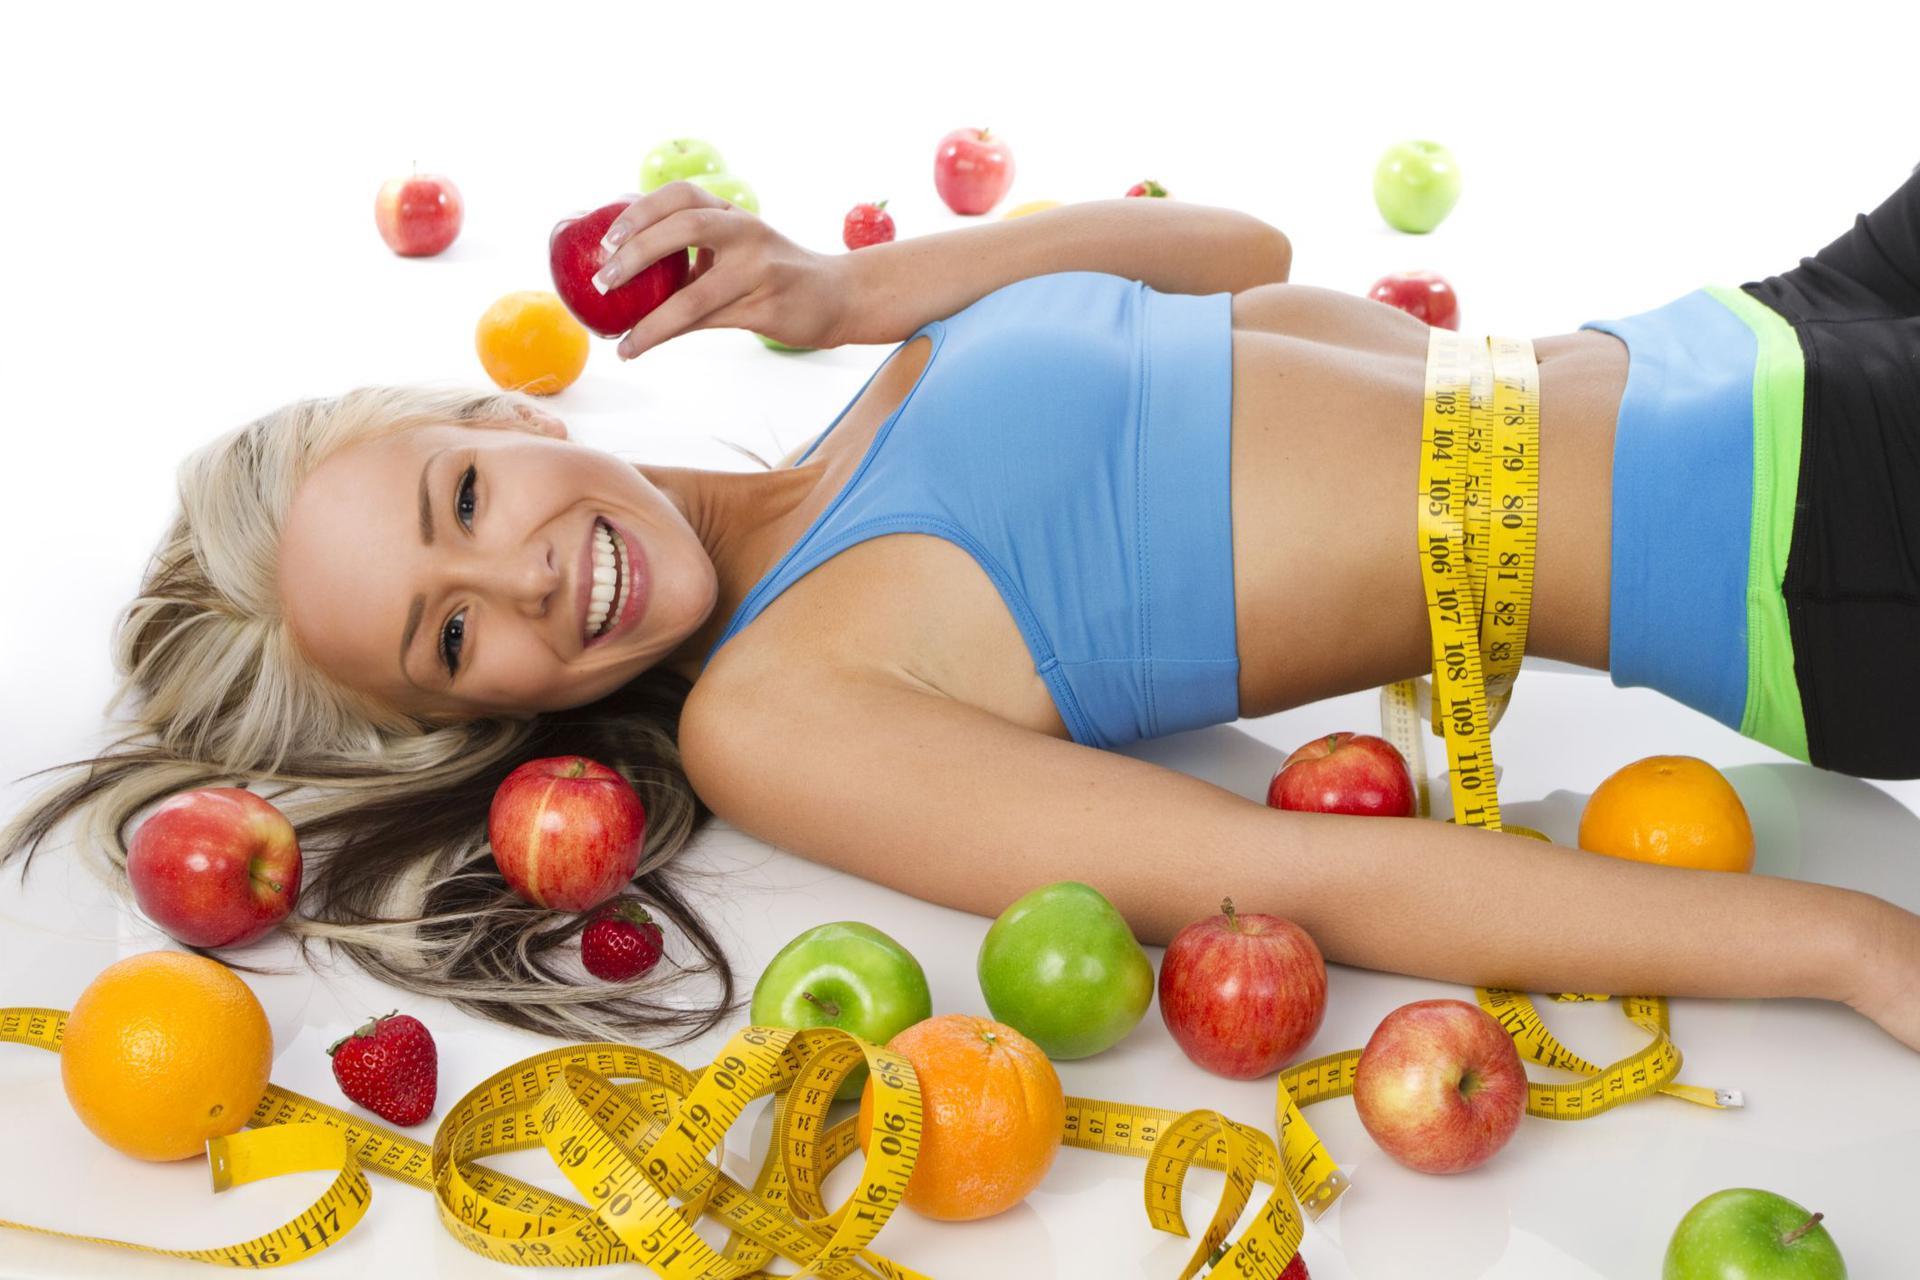 Dieta Odchudzajaca 10 Przykazan Madrego Odchudzania